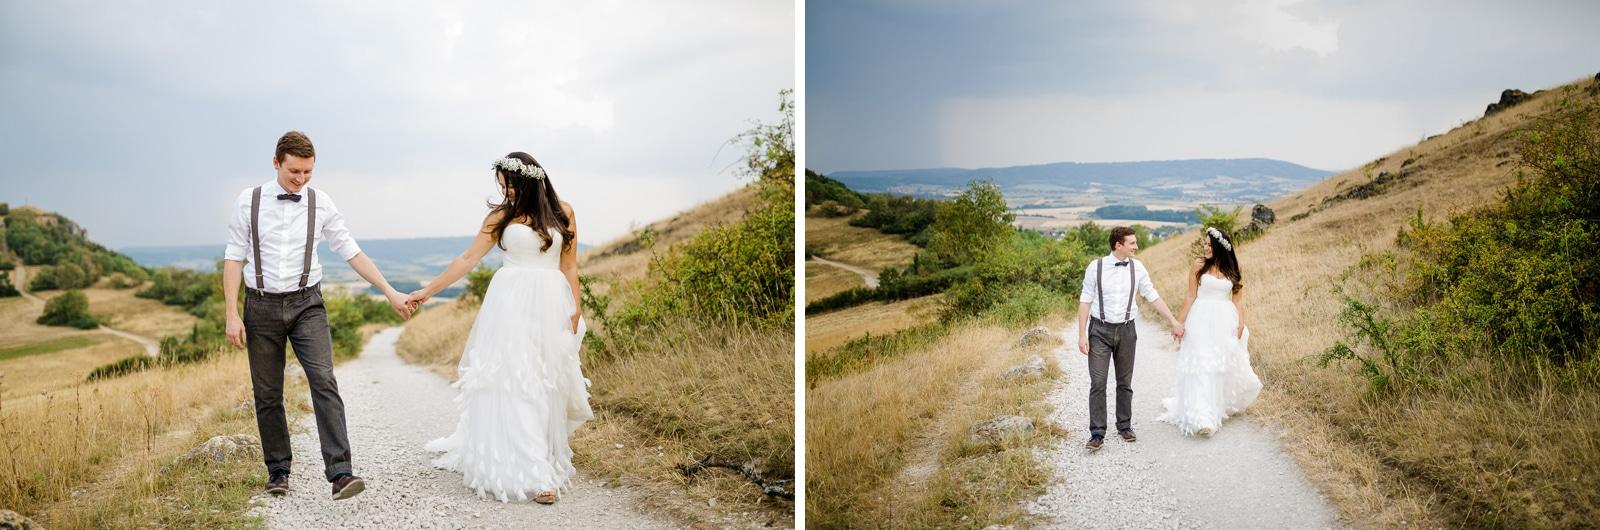 fotógrafo brasileiro de casamento na Alemanha